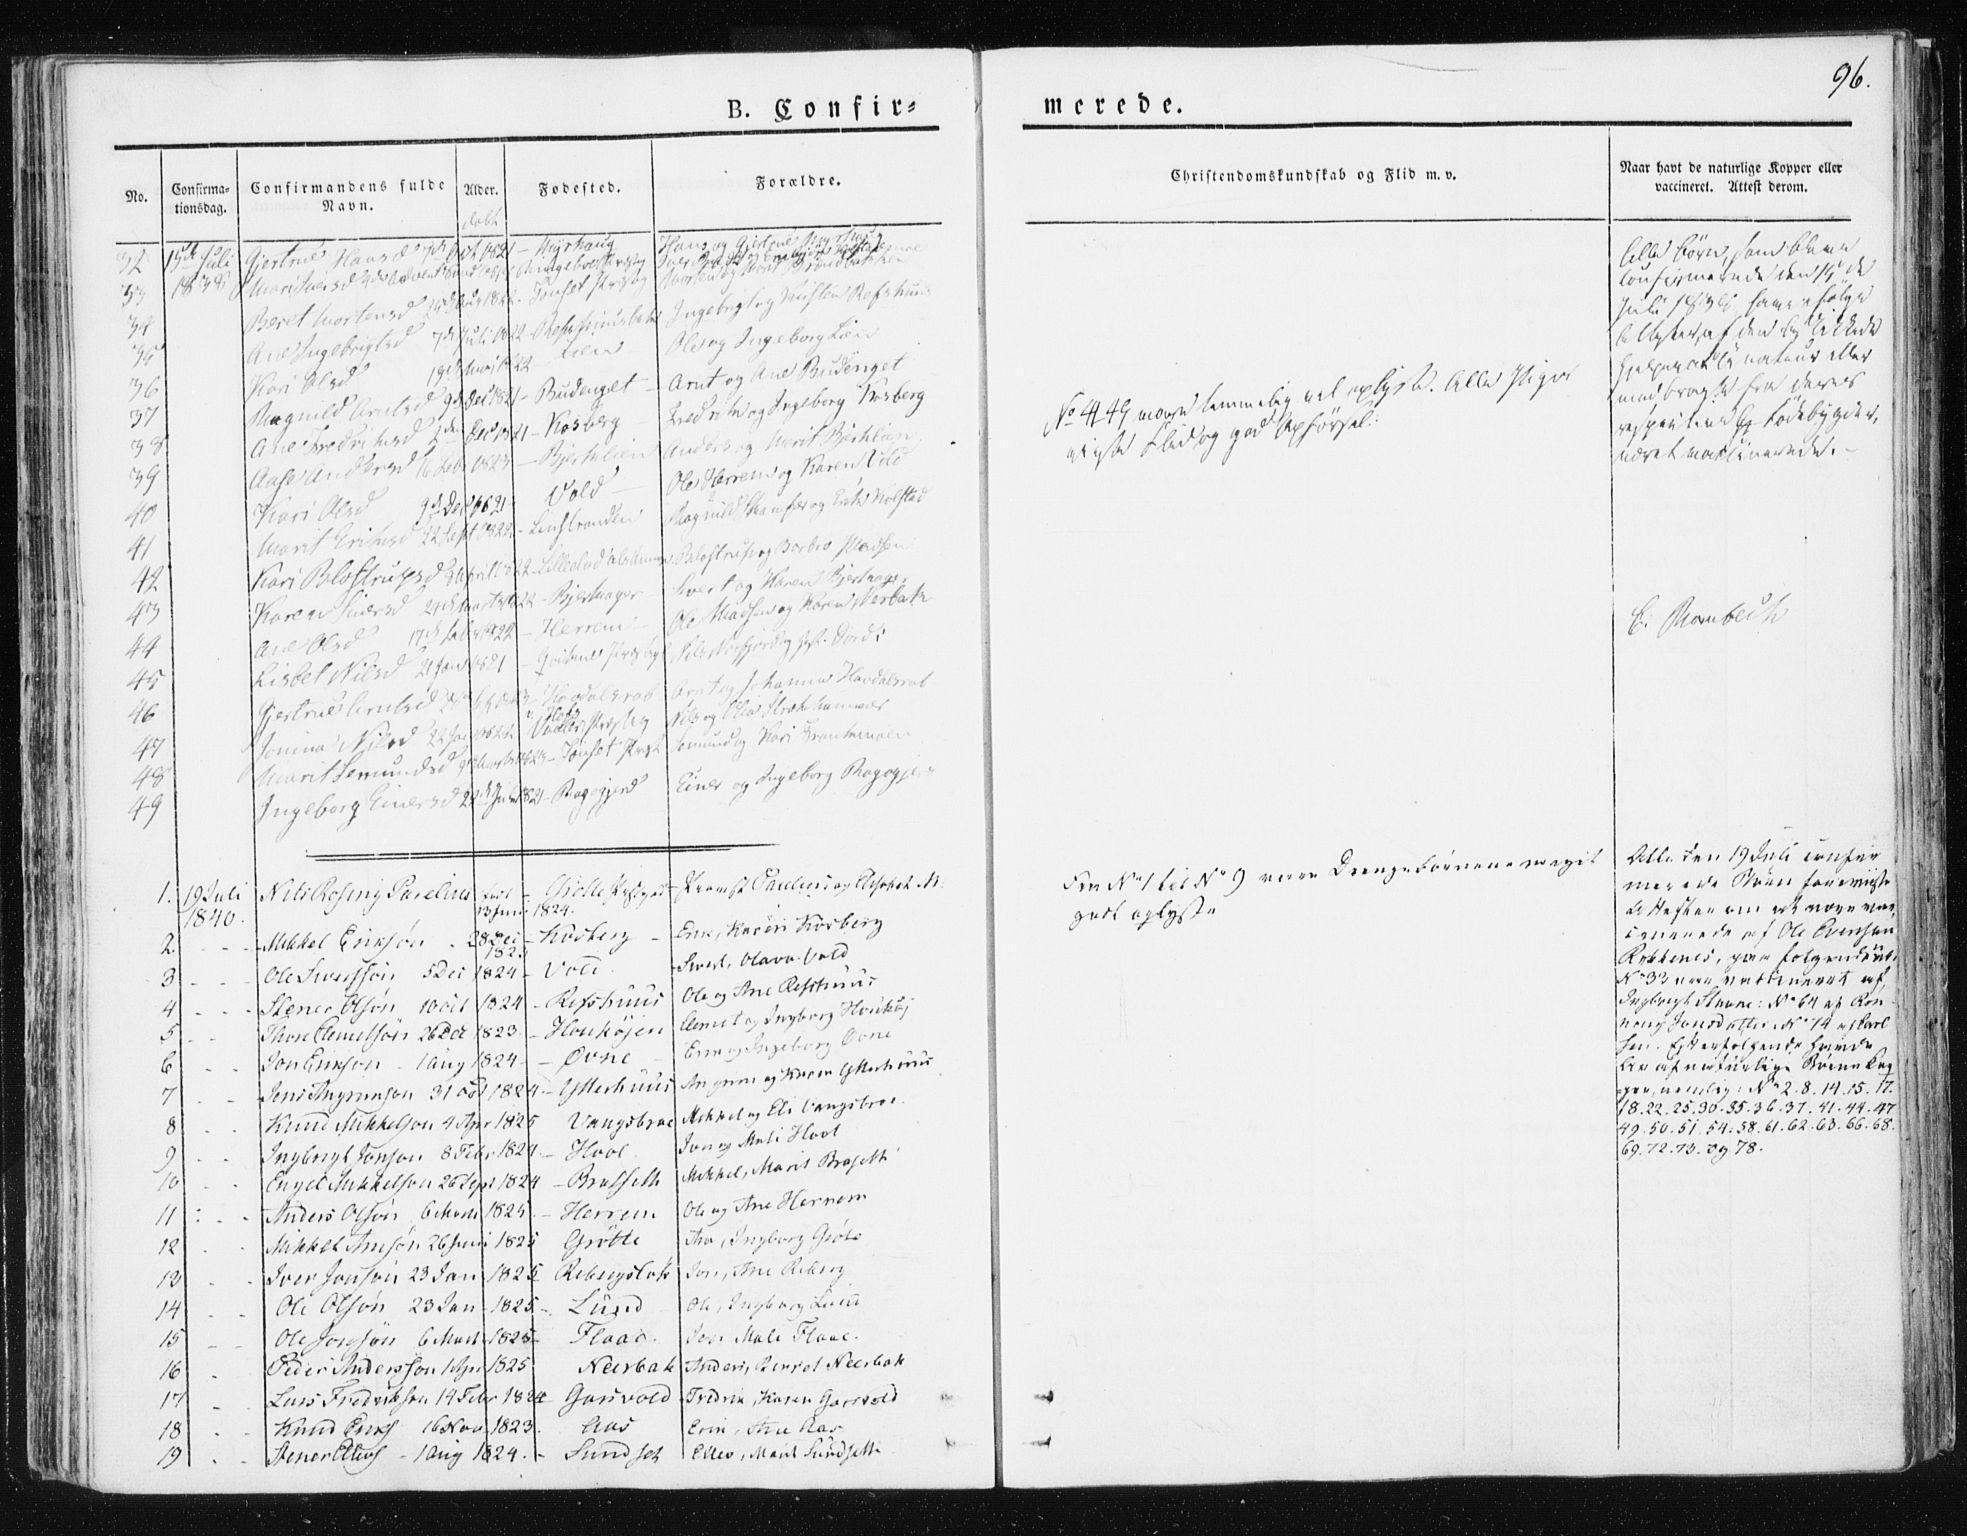 SAT, Ministerialprotokoller, klokkerbøker og fødselsregistre - Sør-Trøndelag, 674/L0869: Ministerialbok nr. 674A01, 1829-1860, s. 96